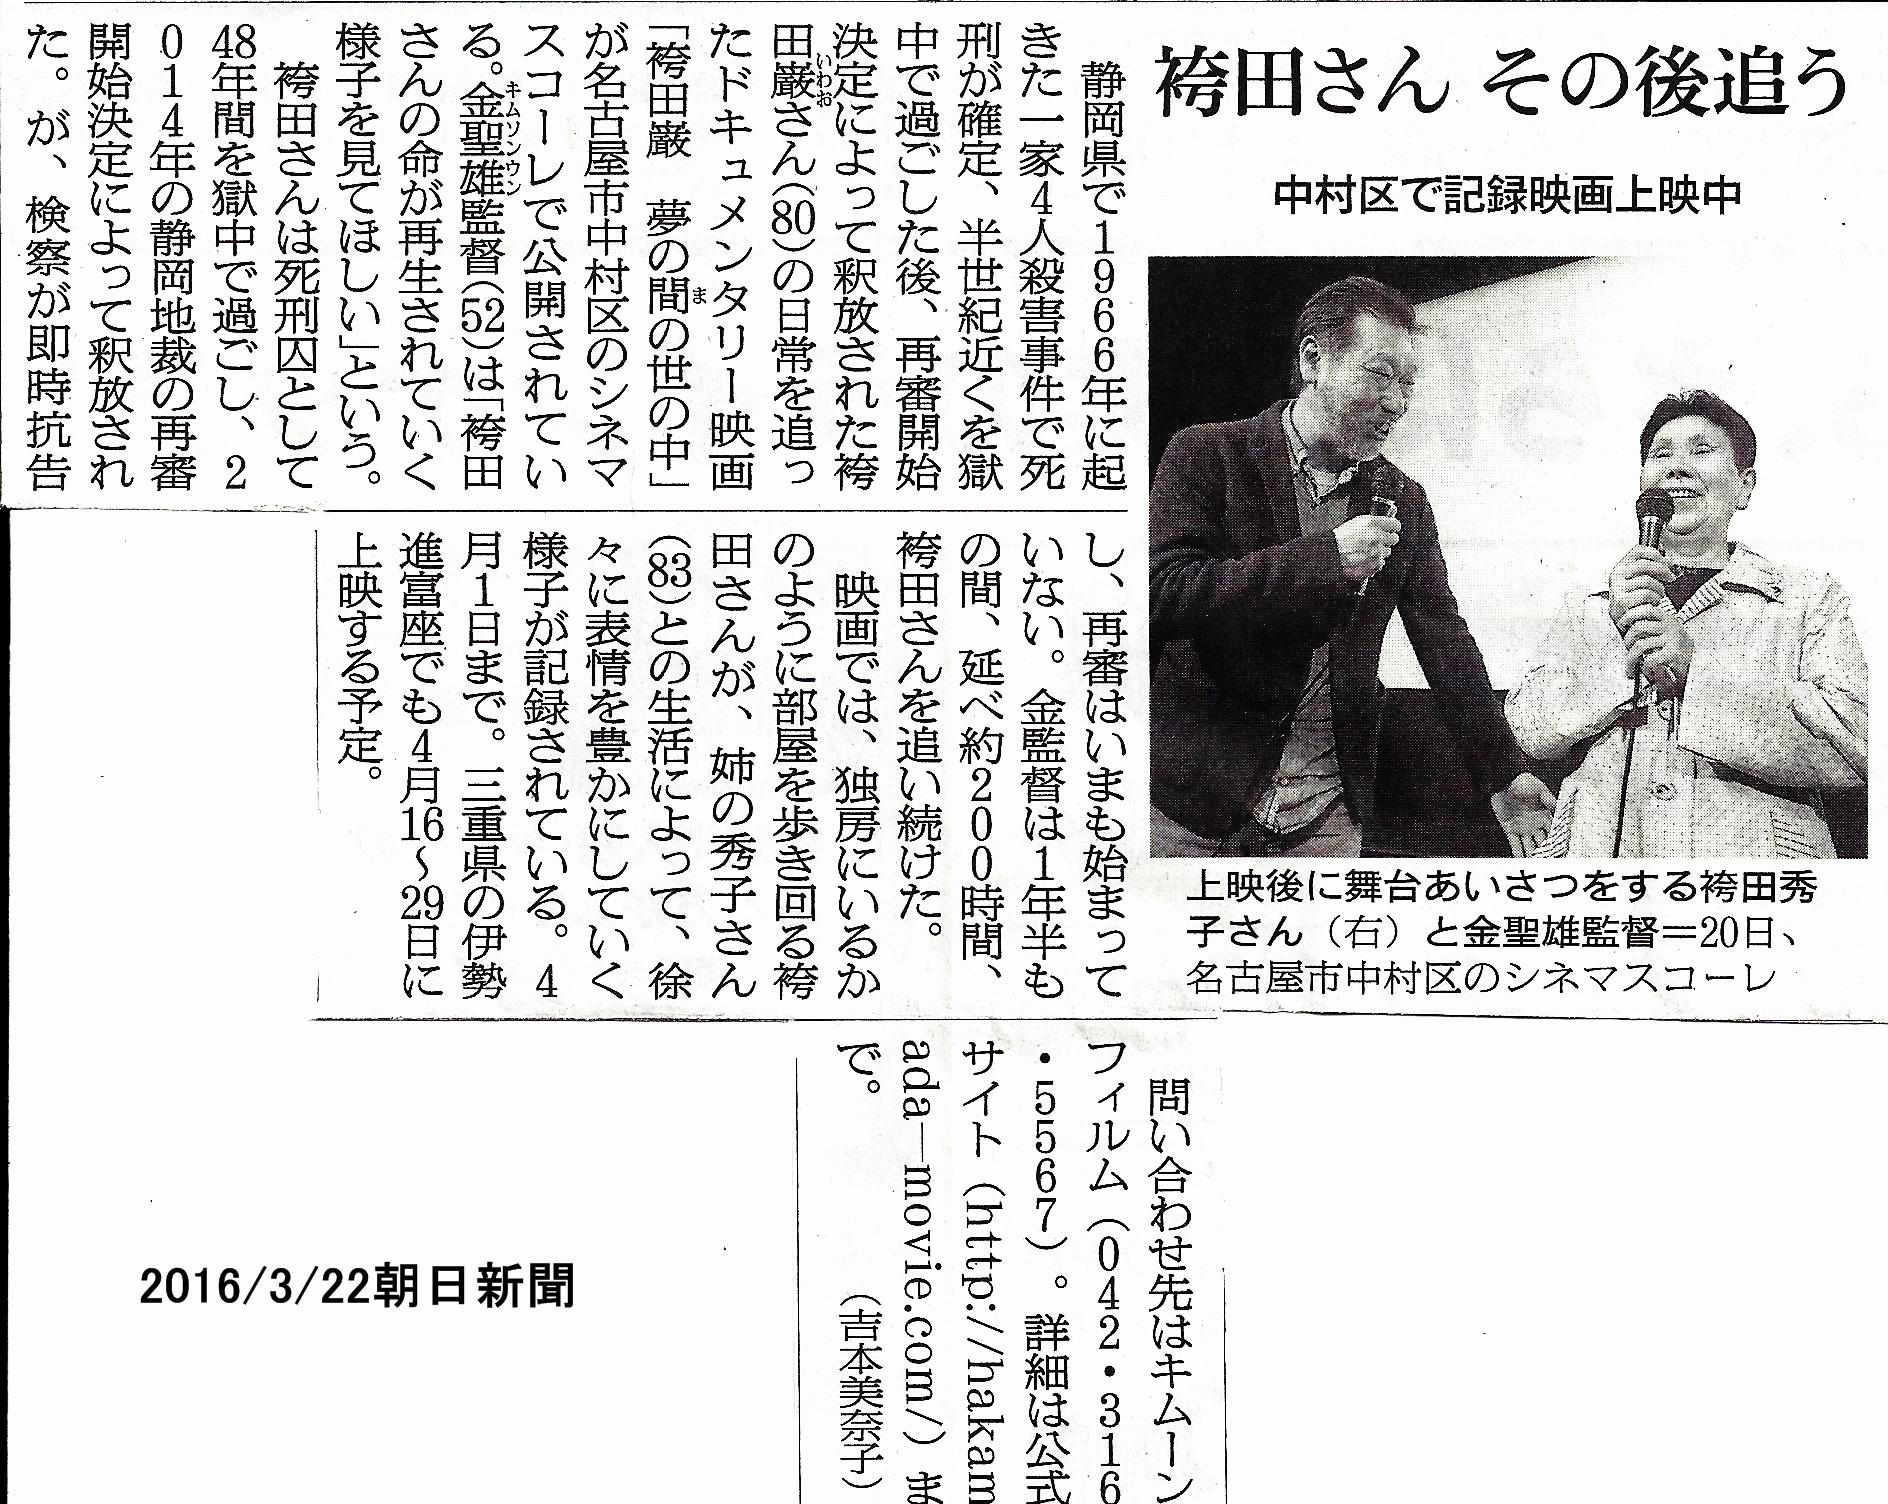 2016.3.22朝日新聞